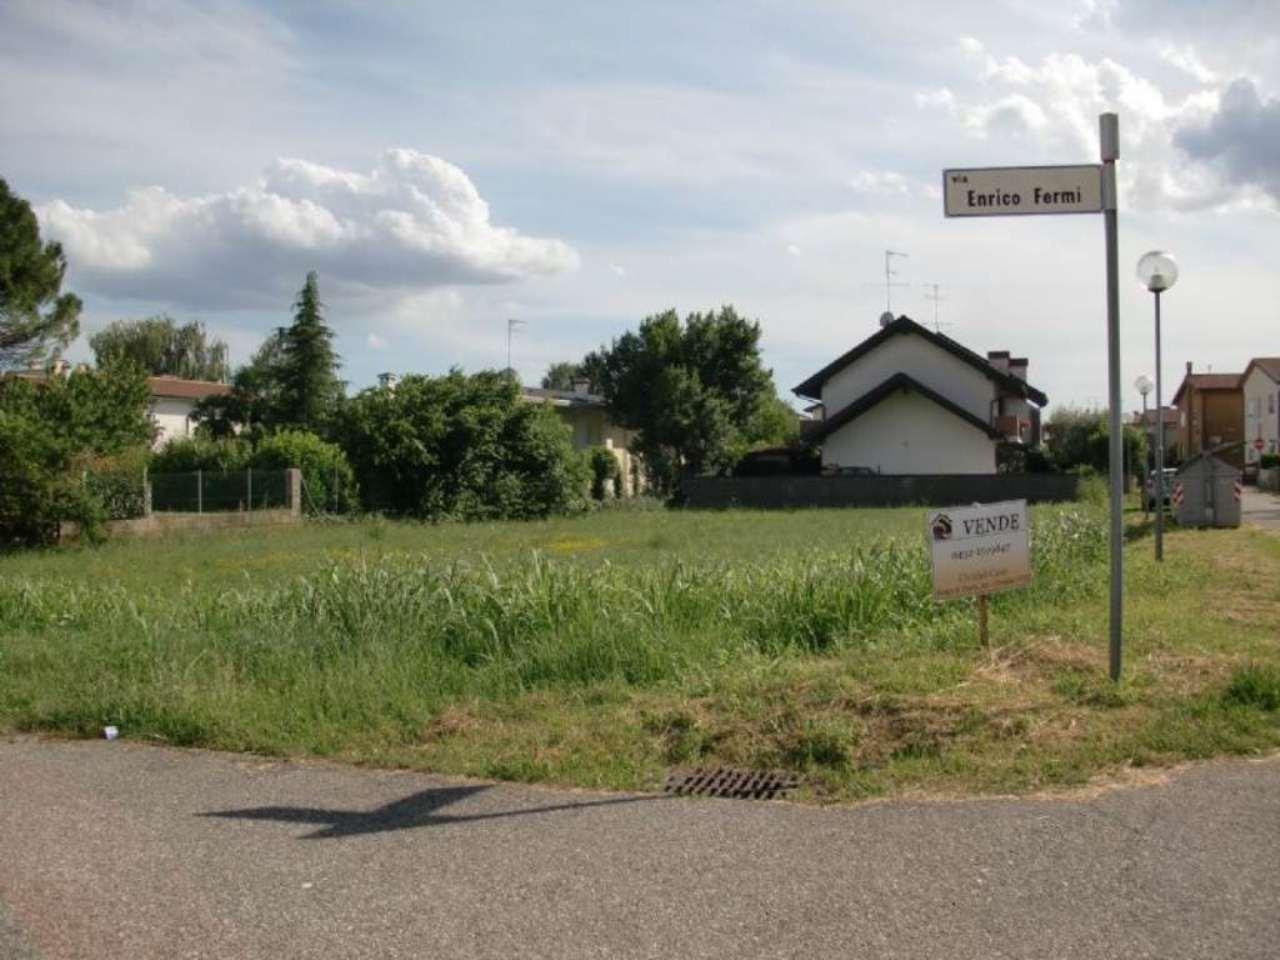 Terreno Edificabile Residenziale in vendita a Cividale del Friuli, 9999 locali, prezzo € 250.000 | CambioCasa.it